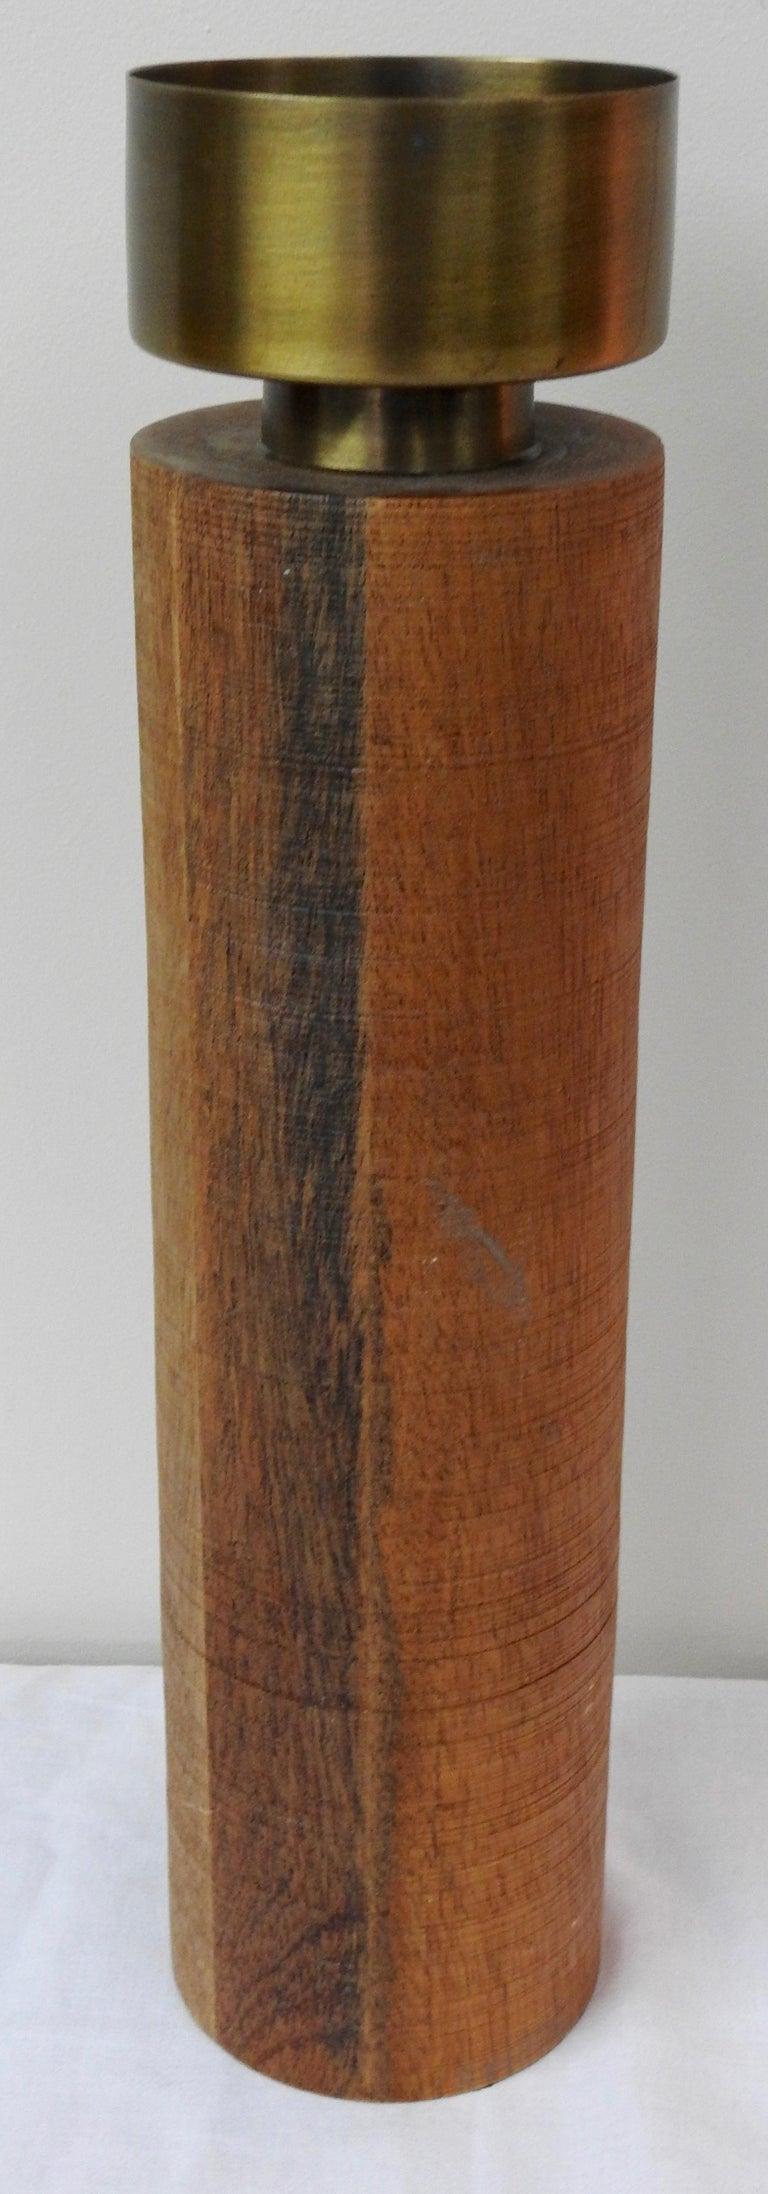 Pedestal Cachepot Mid-Century Modern For Sale 1